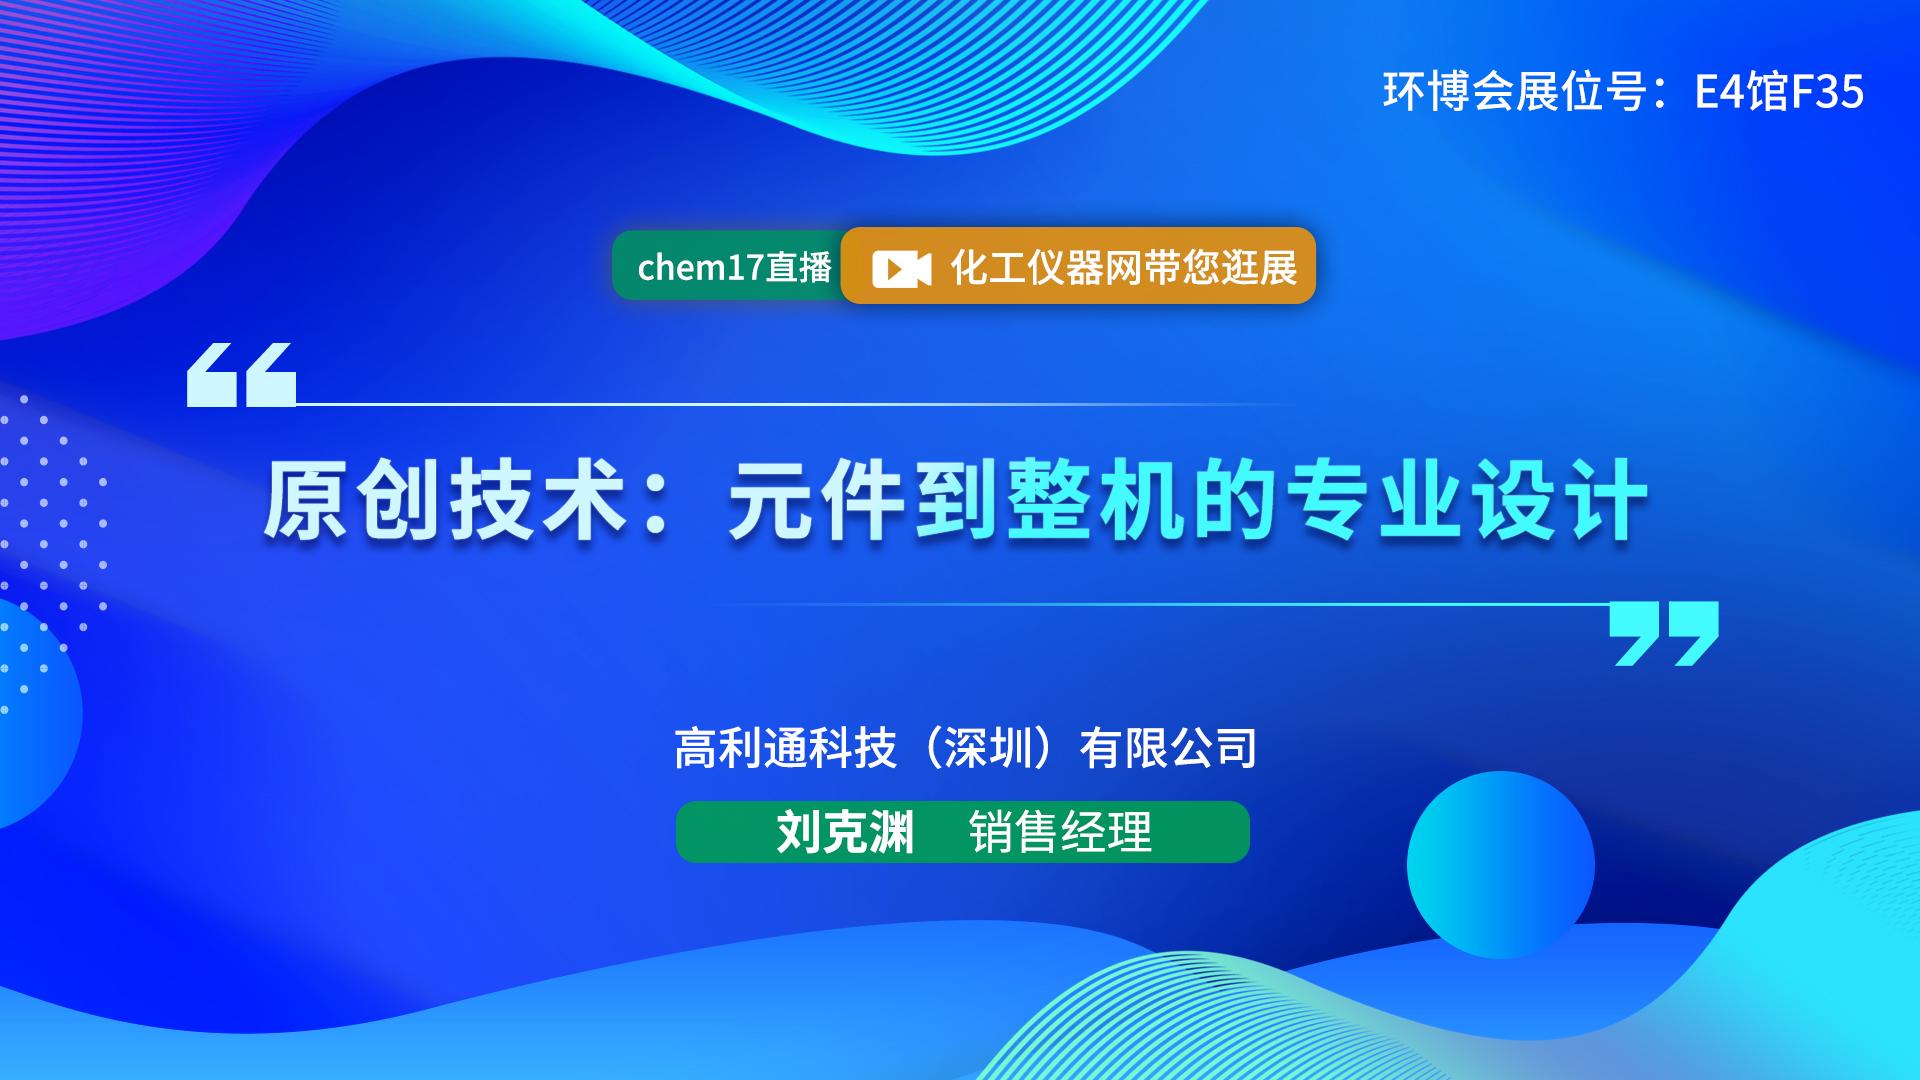 高利通科技(深圳)有限公司精彩亮相2021环博会